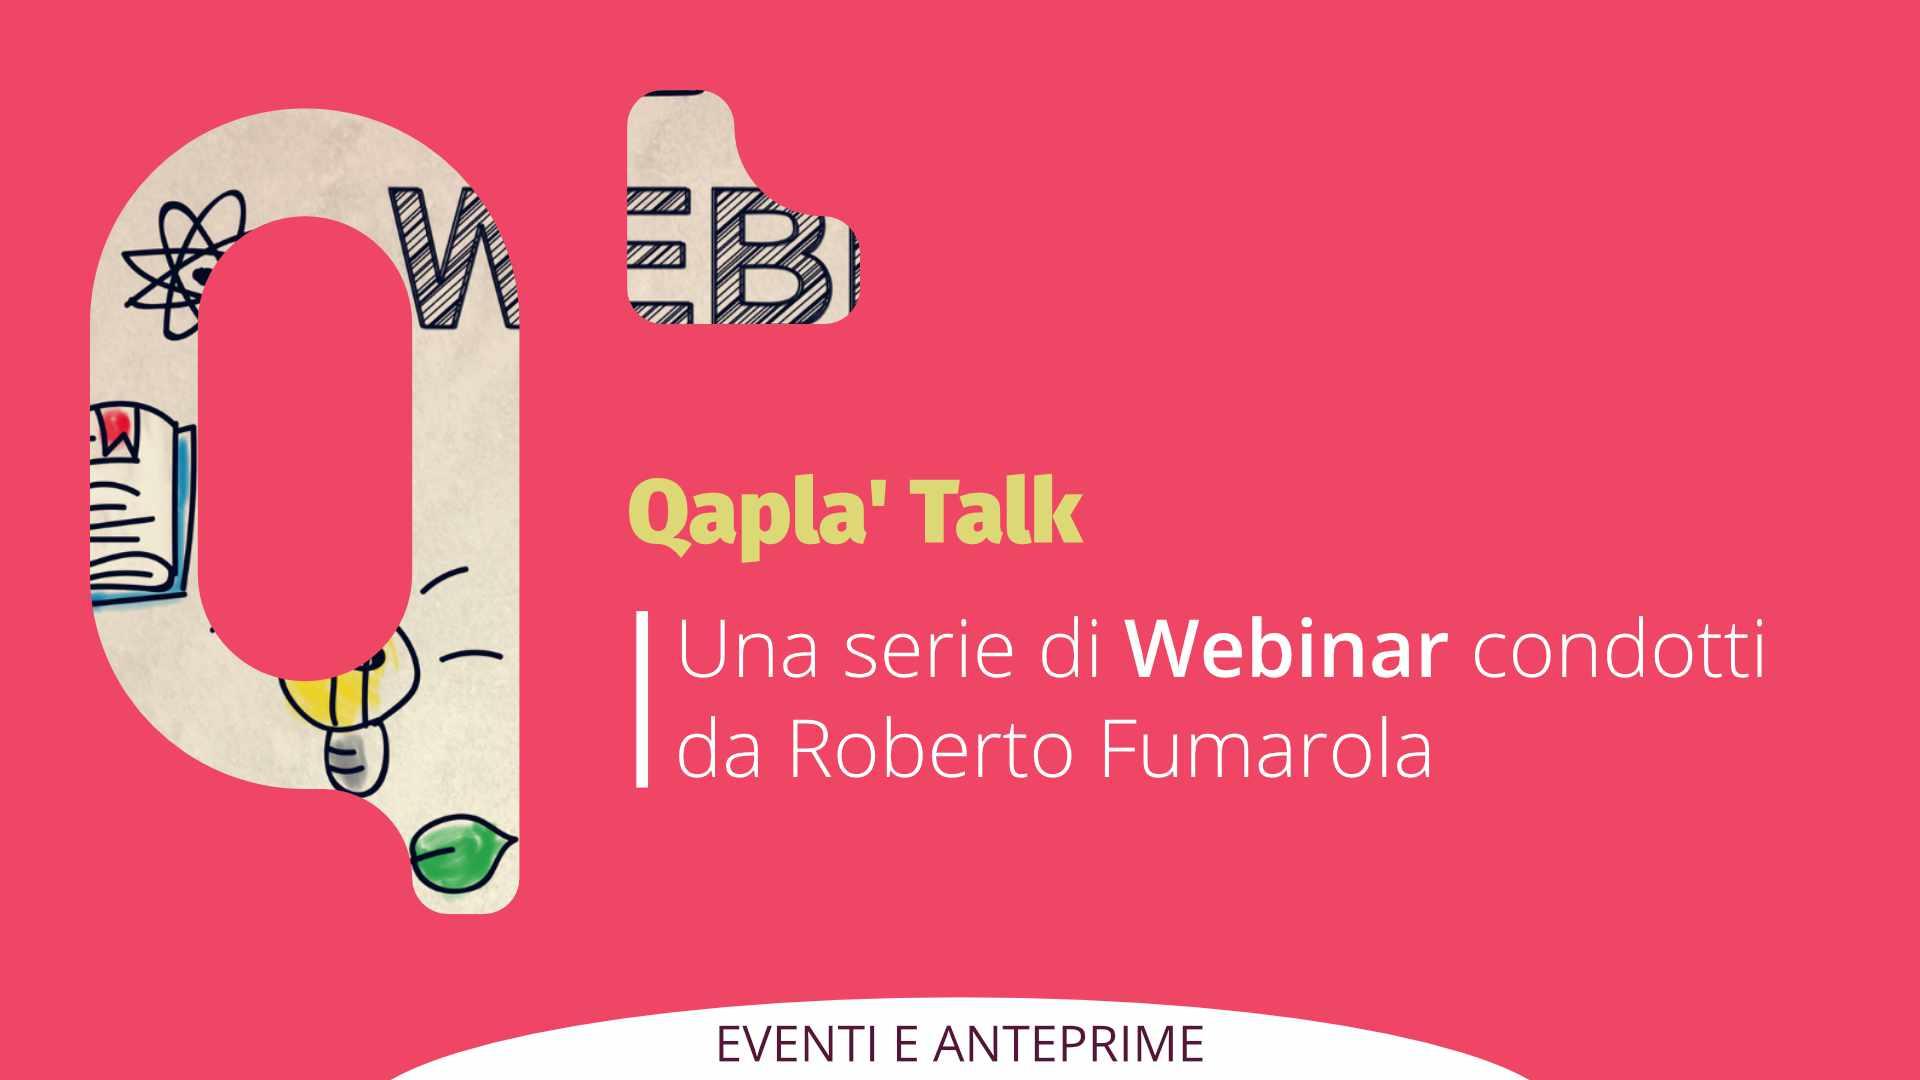 Qapla' Talk